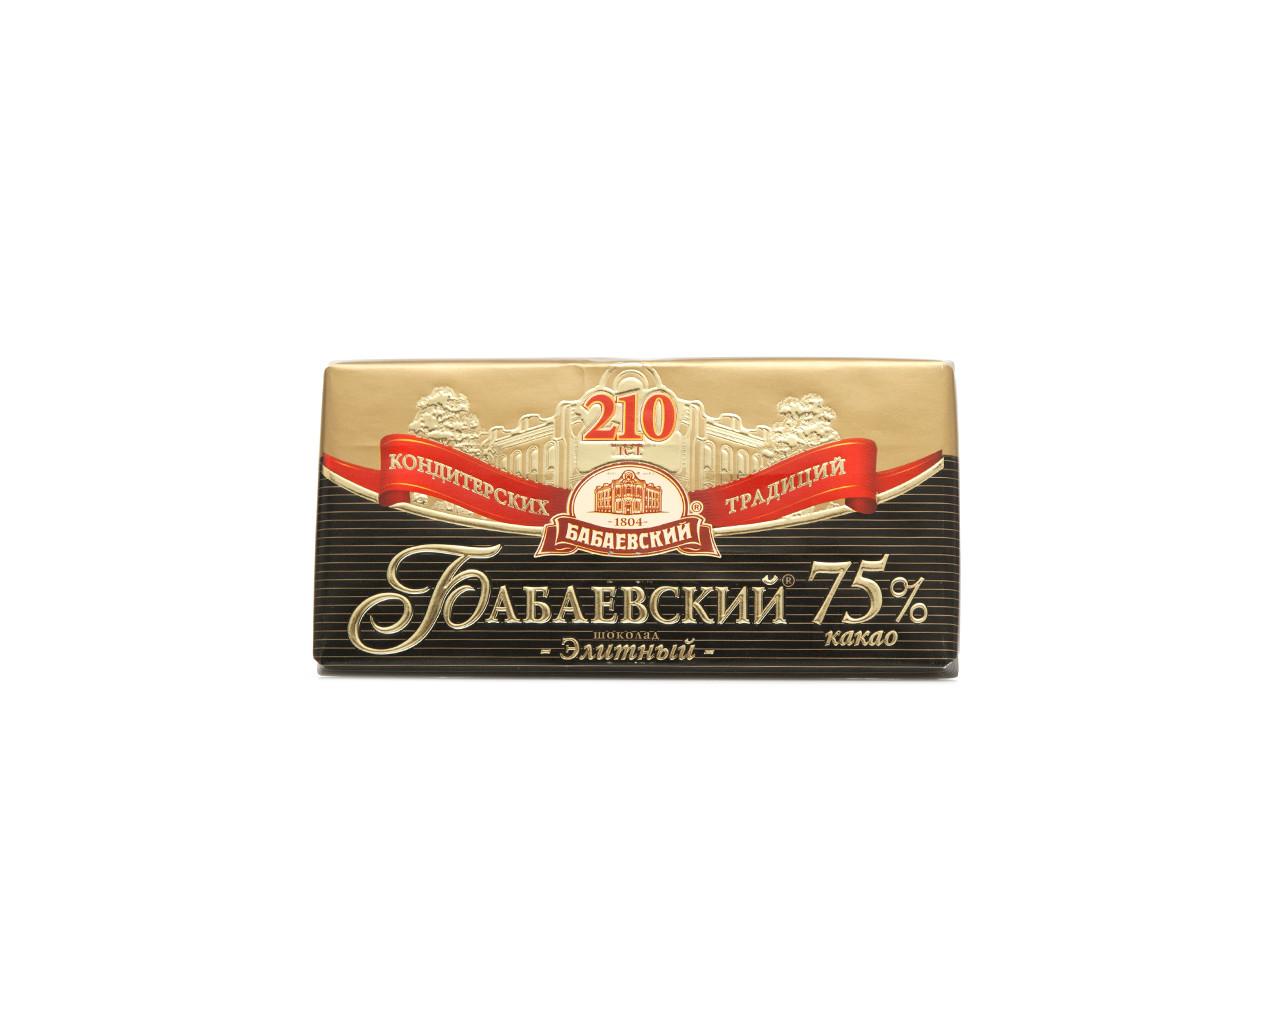 Шоколад с содержанием какао 75%